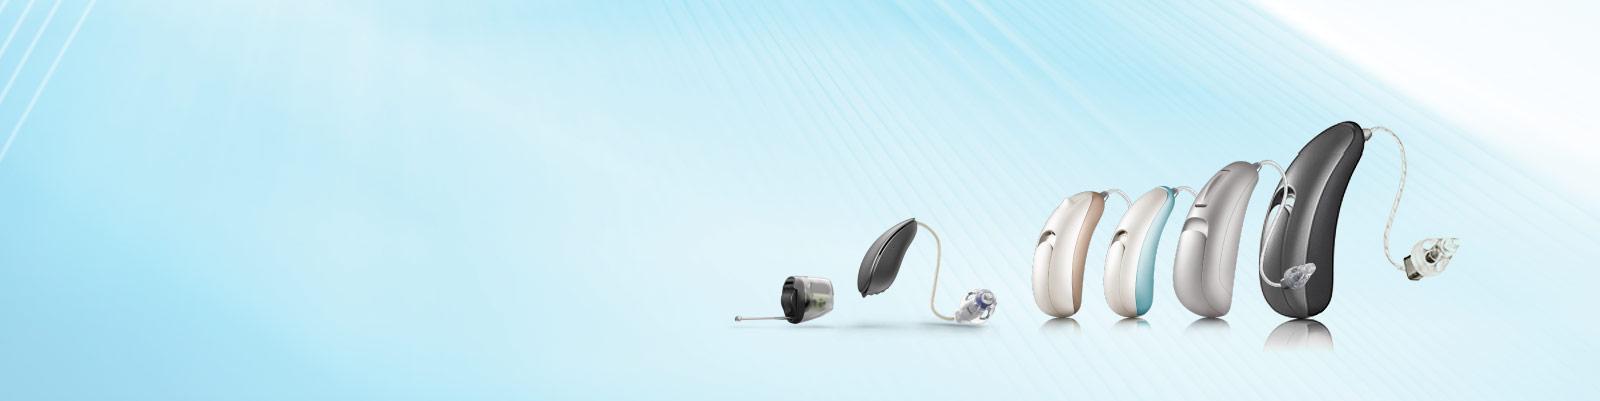 Hearing Machines